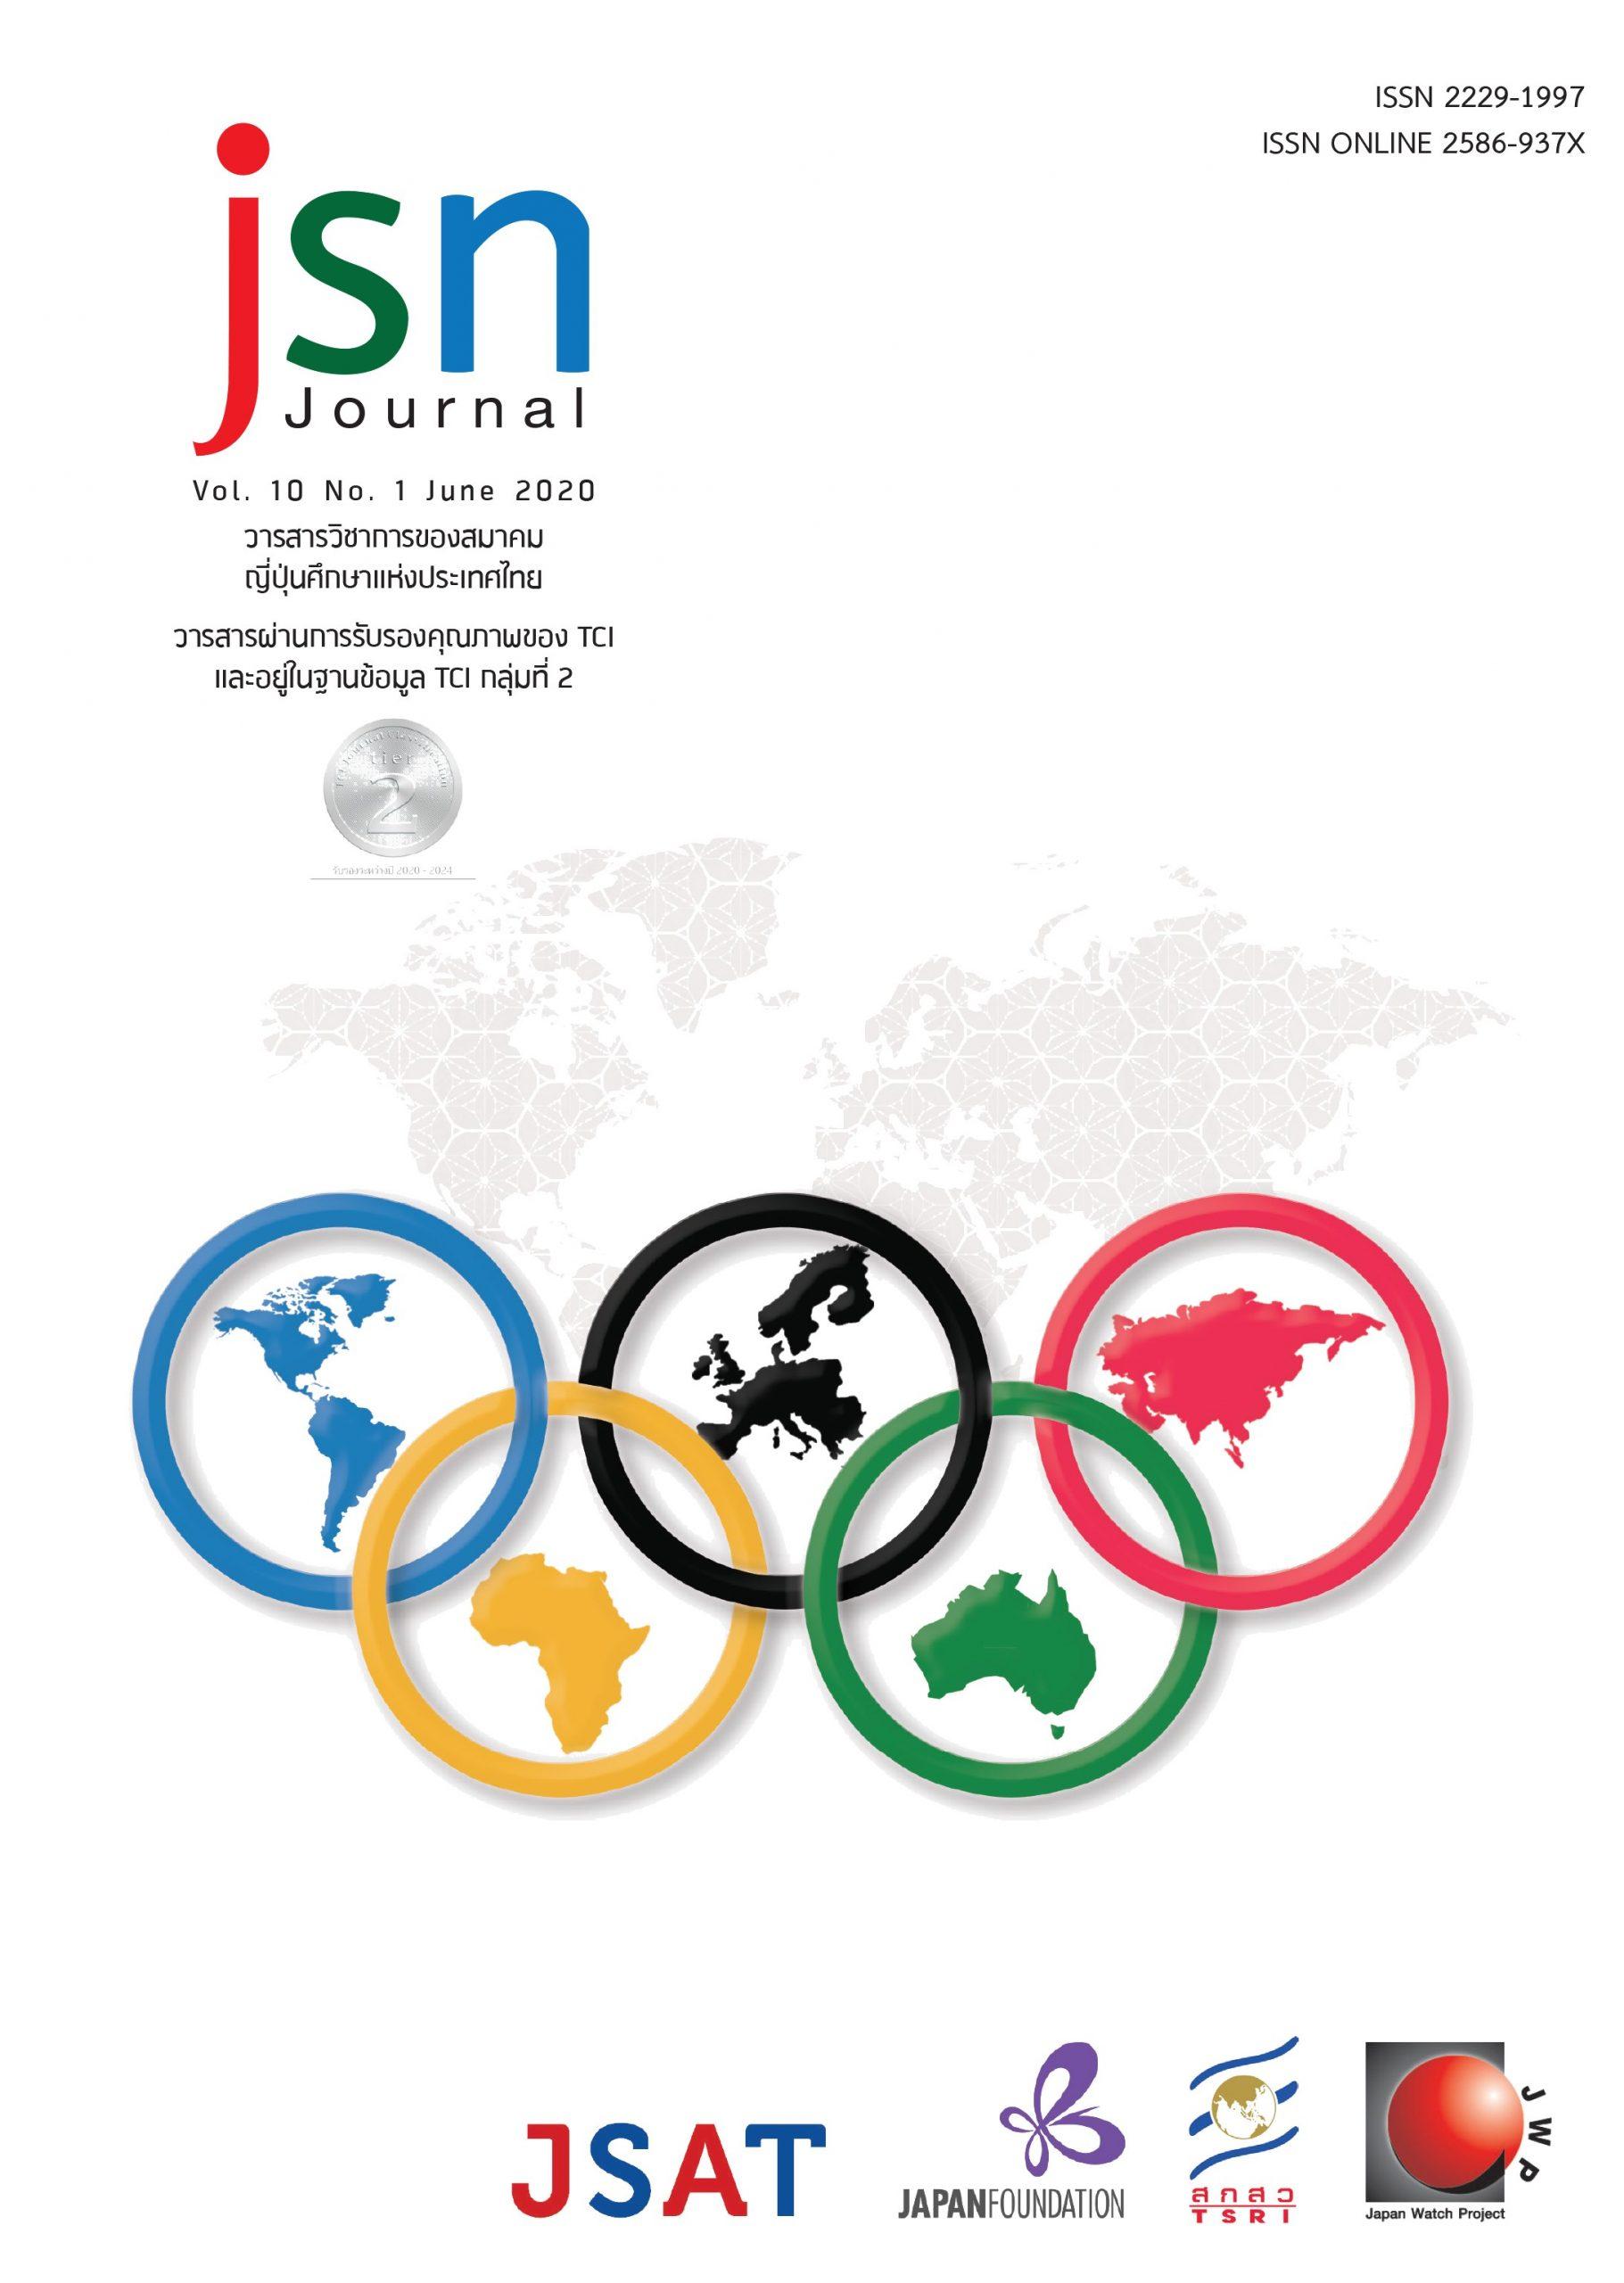 JSN Journal Vol. 10 No.1